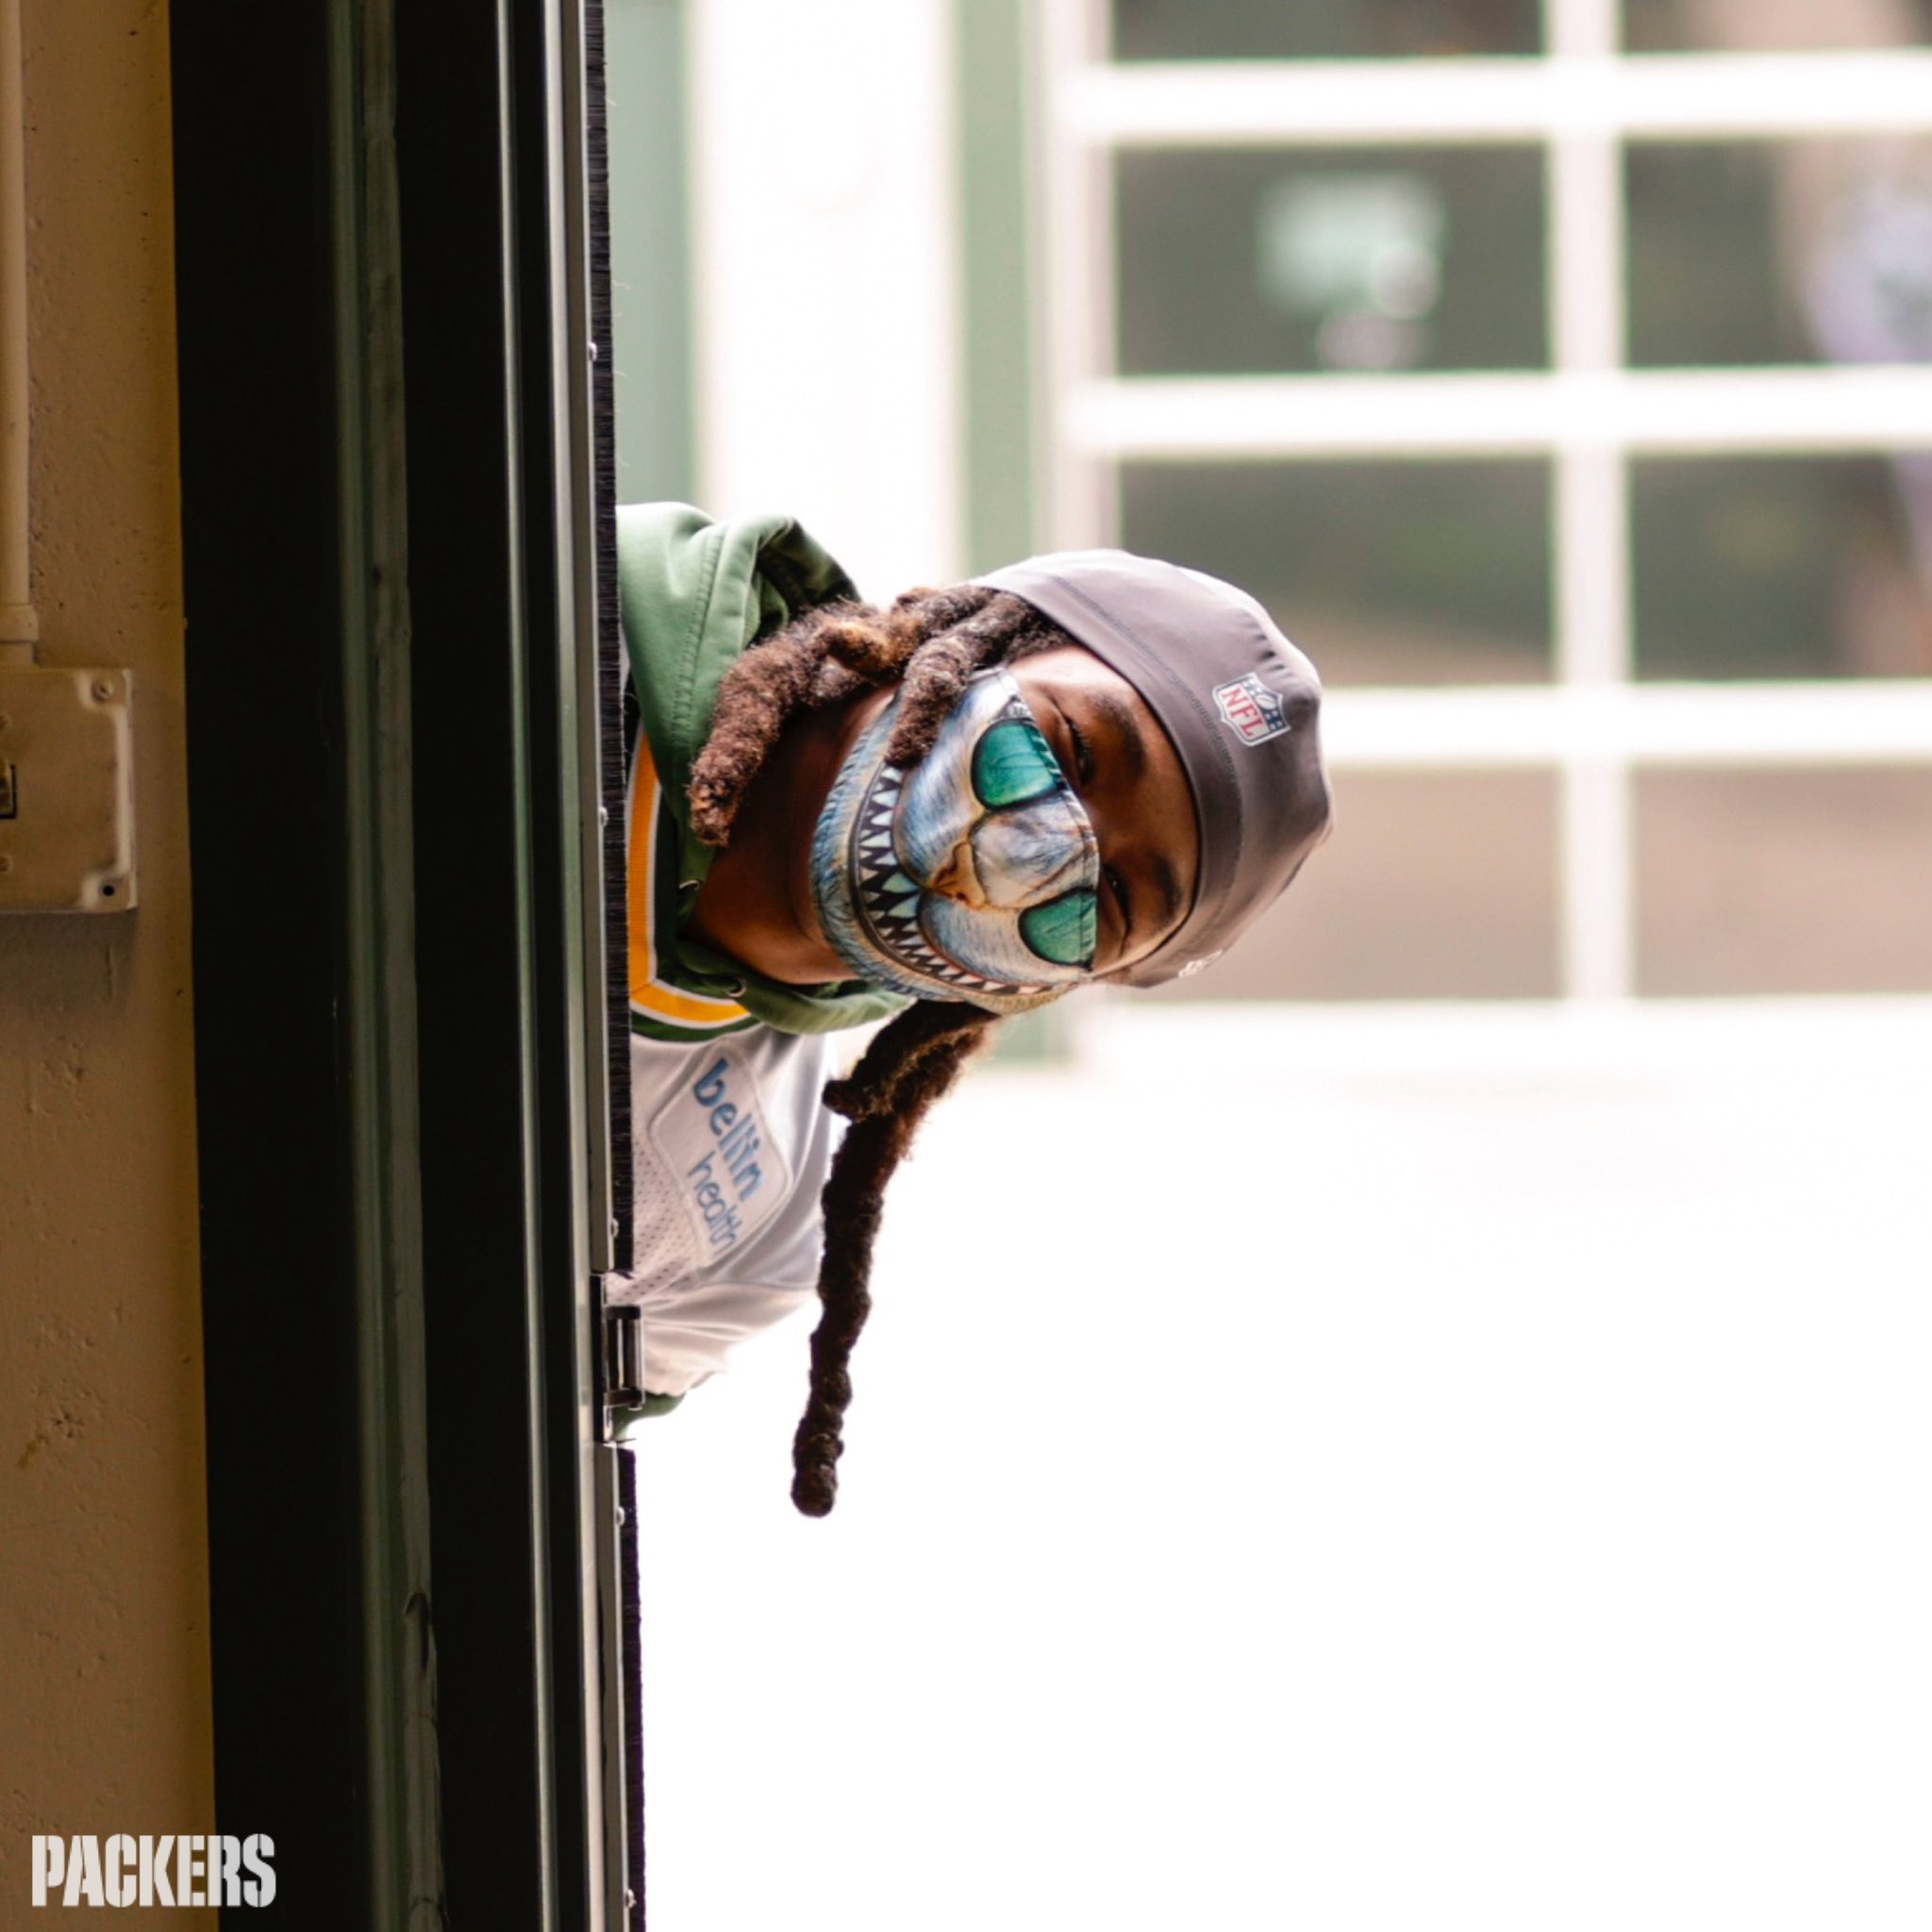 Nightmare on Lombardi Ave; Packers vs. Vikings Week 8